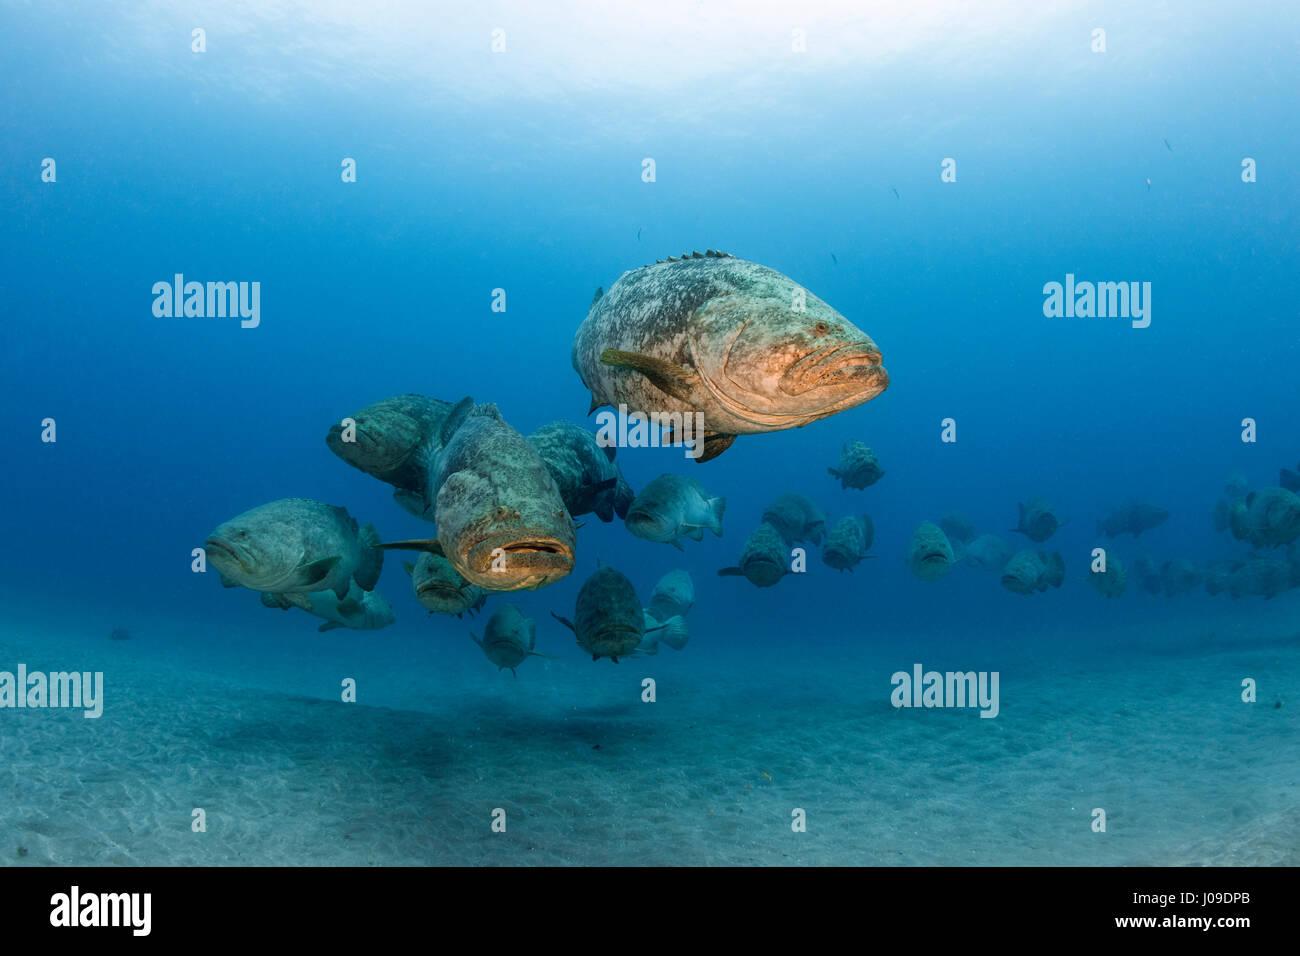 Atlantic goliath grouper Epinephelus itajara or Jewfish spawning aggregation - Stock Image